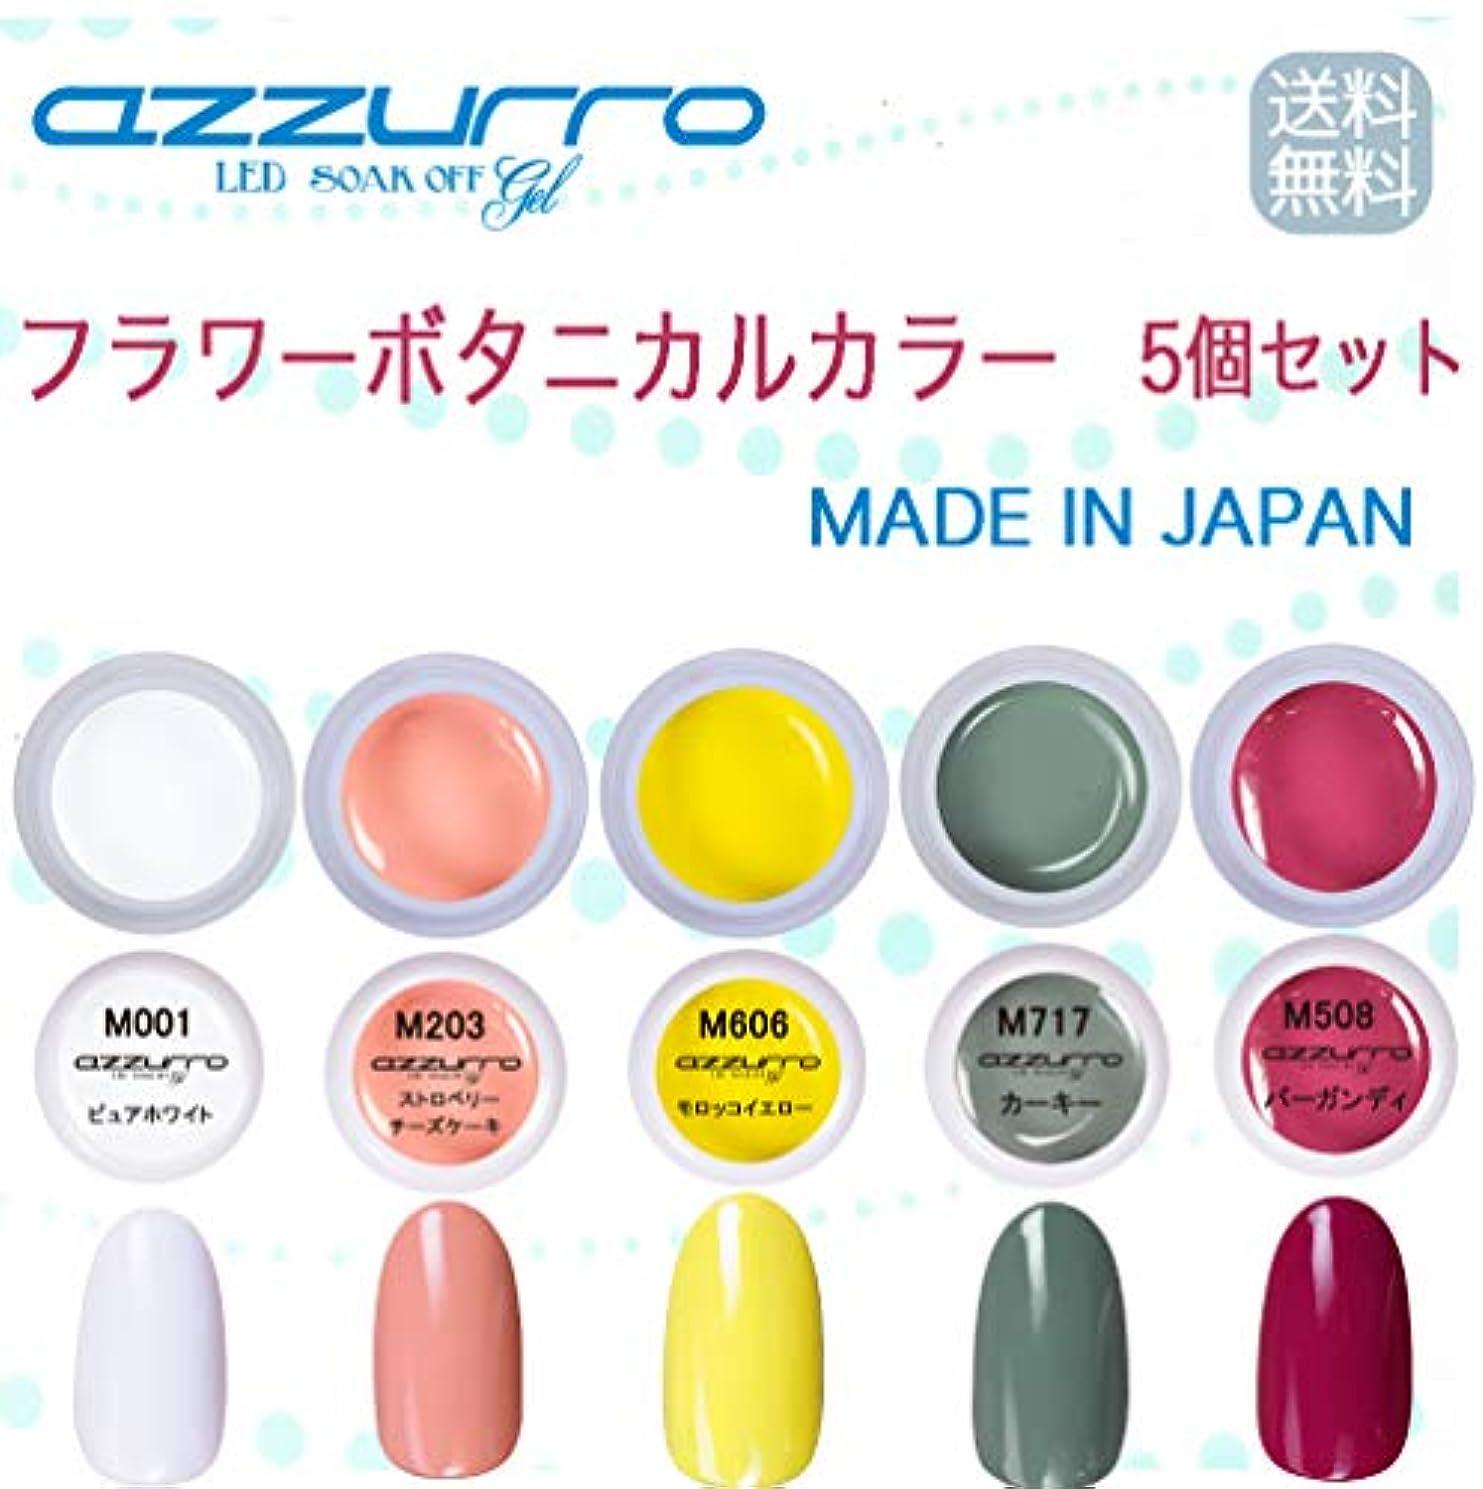 準備捨てるベーカリー【送料無料】日本製 azzurro gel フラワーボタニカルカラージェル5個セット 春にピッタリでかわいいフラワーアートにピッタリなカラー